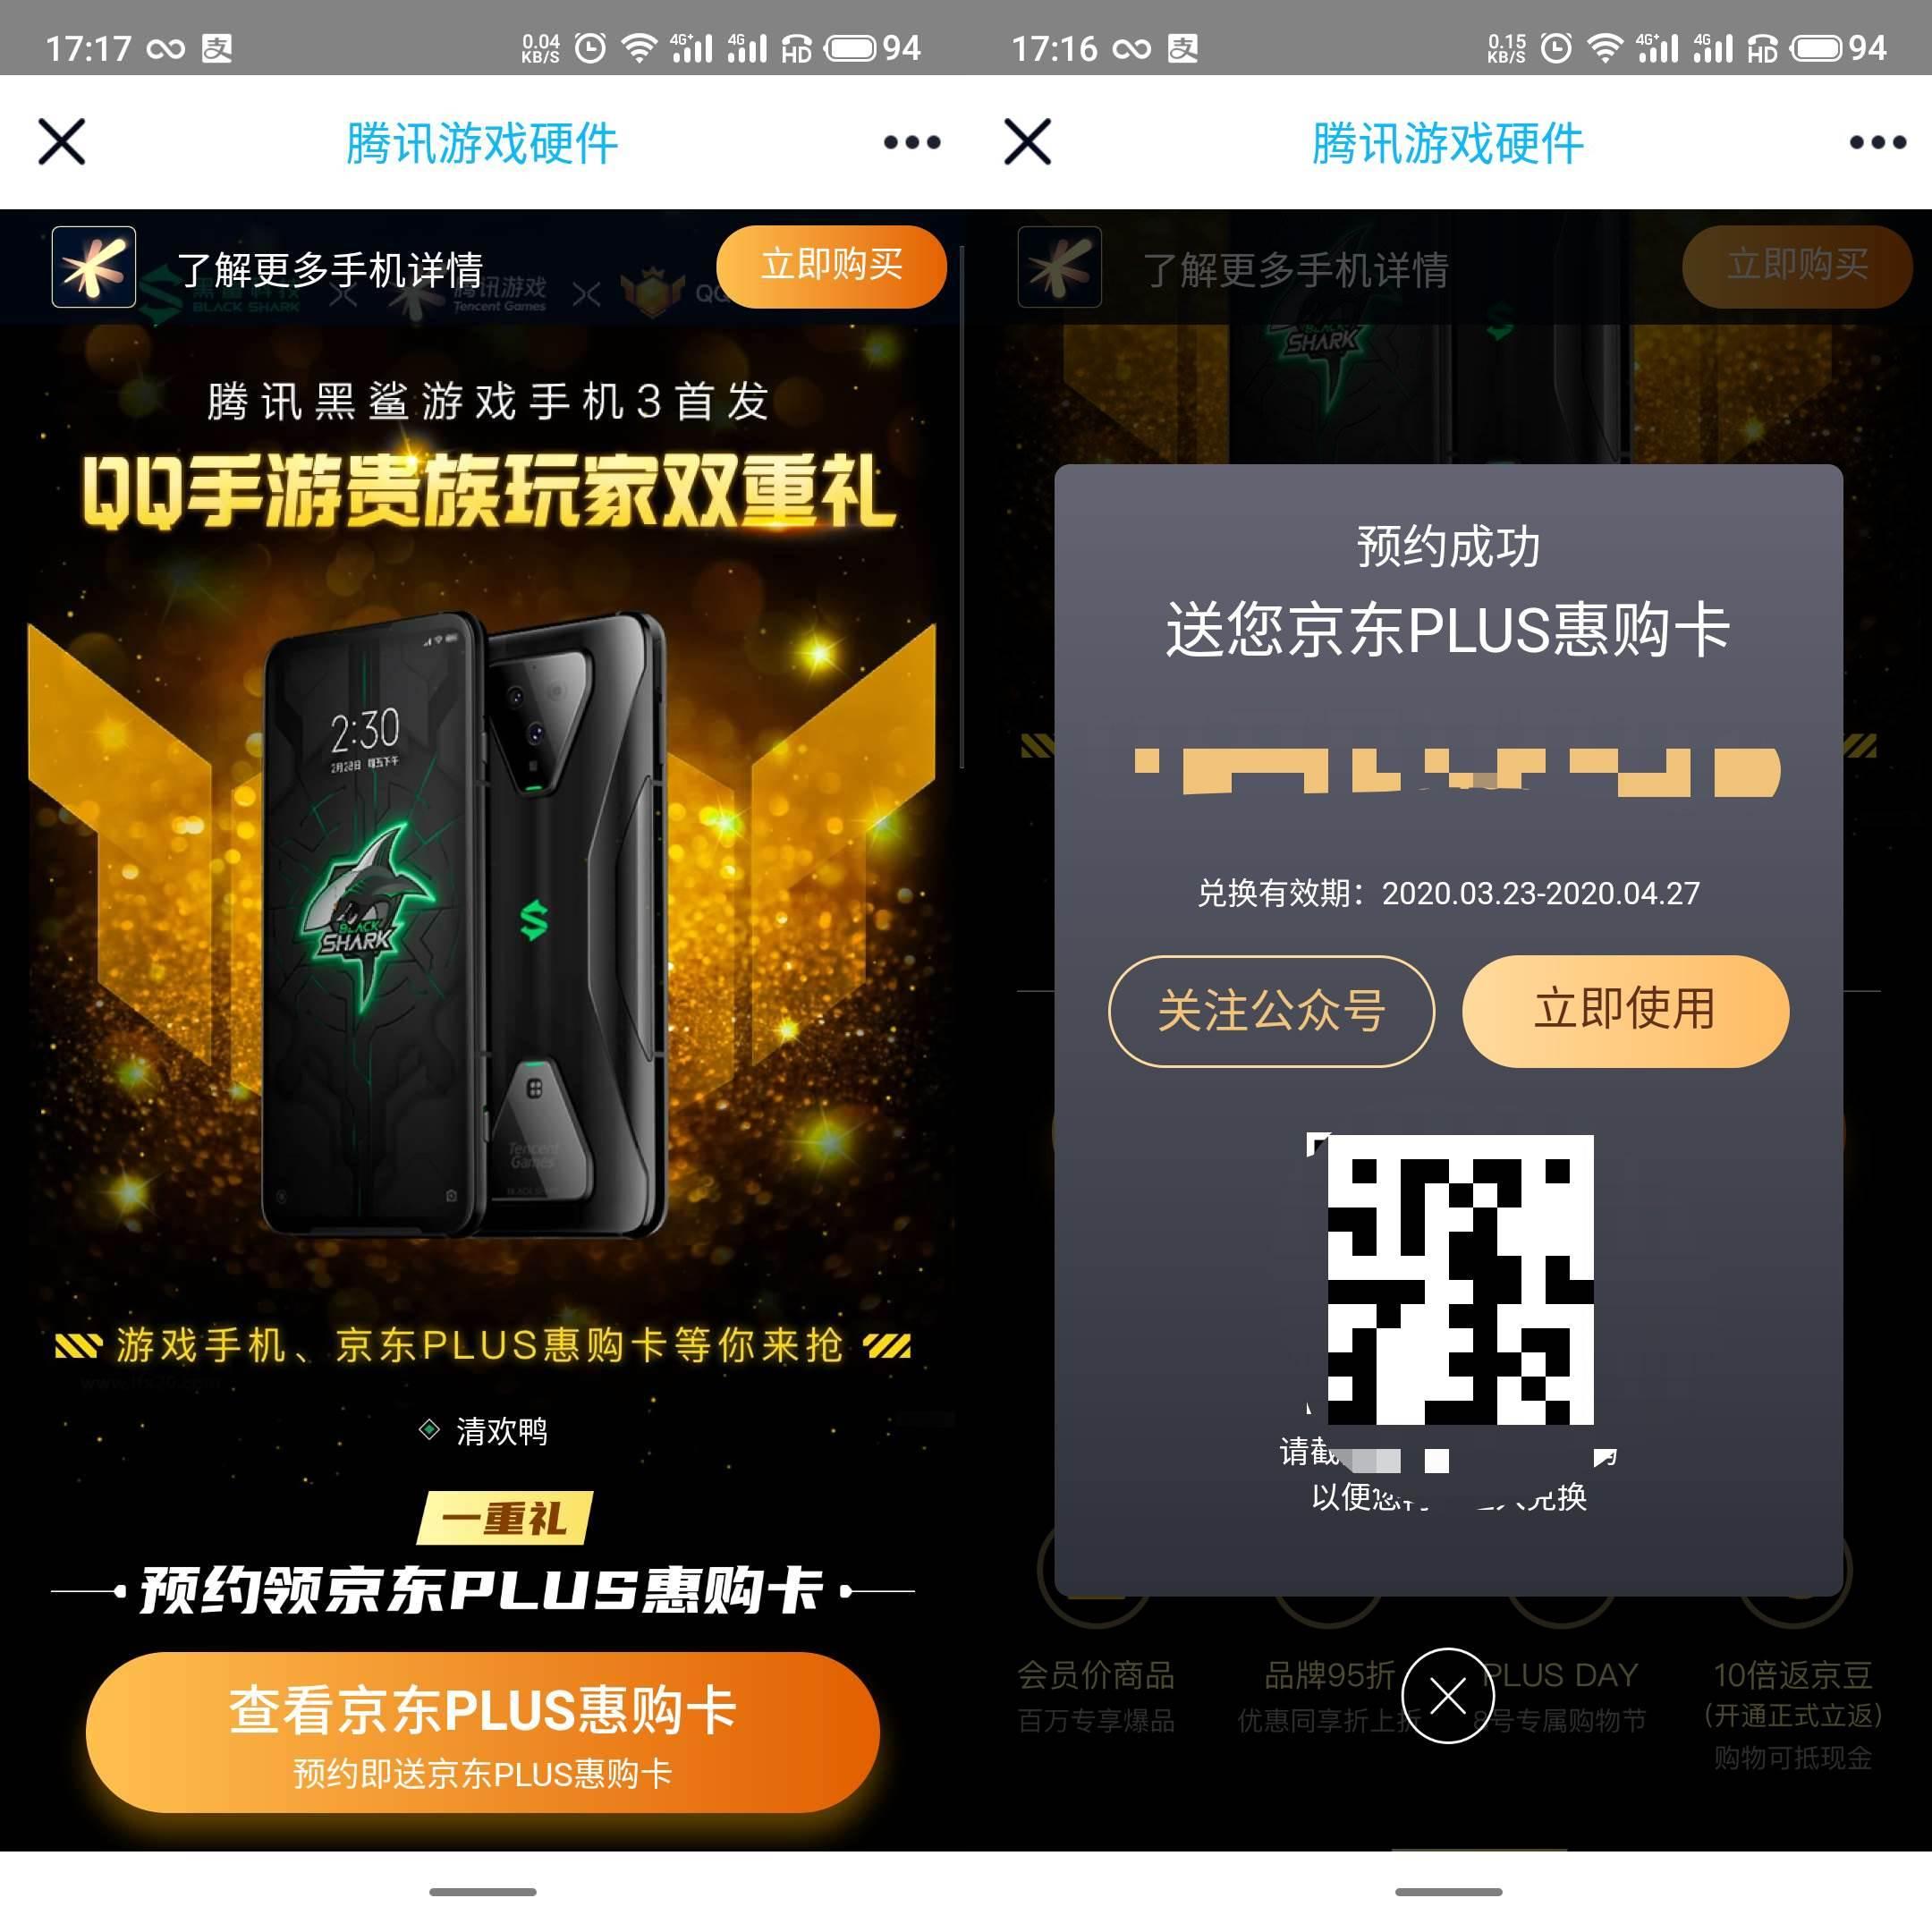 预约黑鲨手机 领京东Plus惠购卡